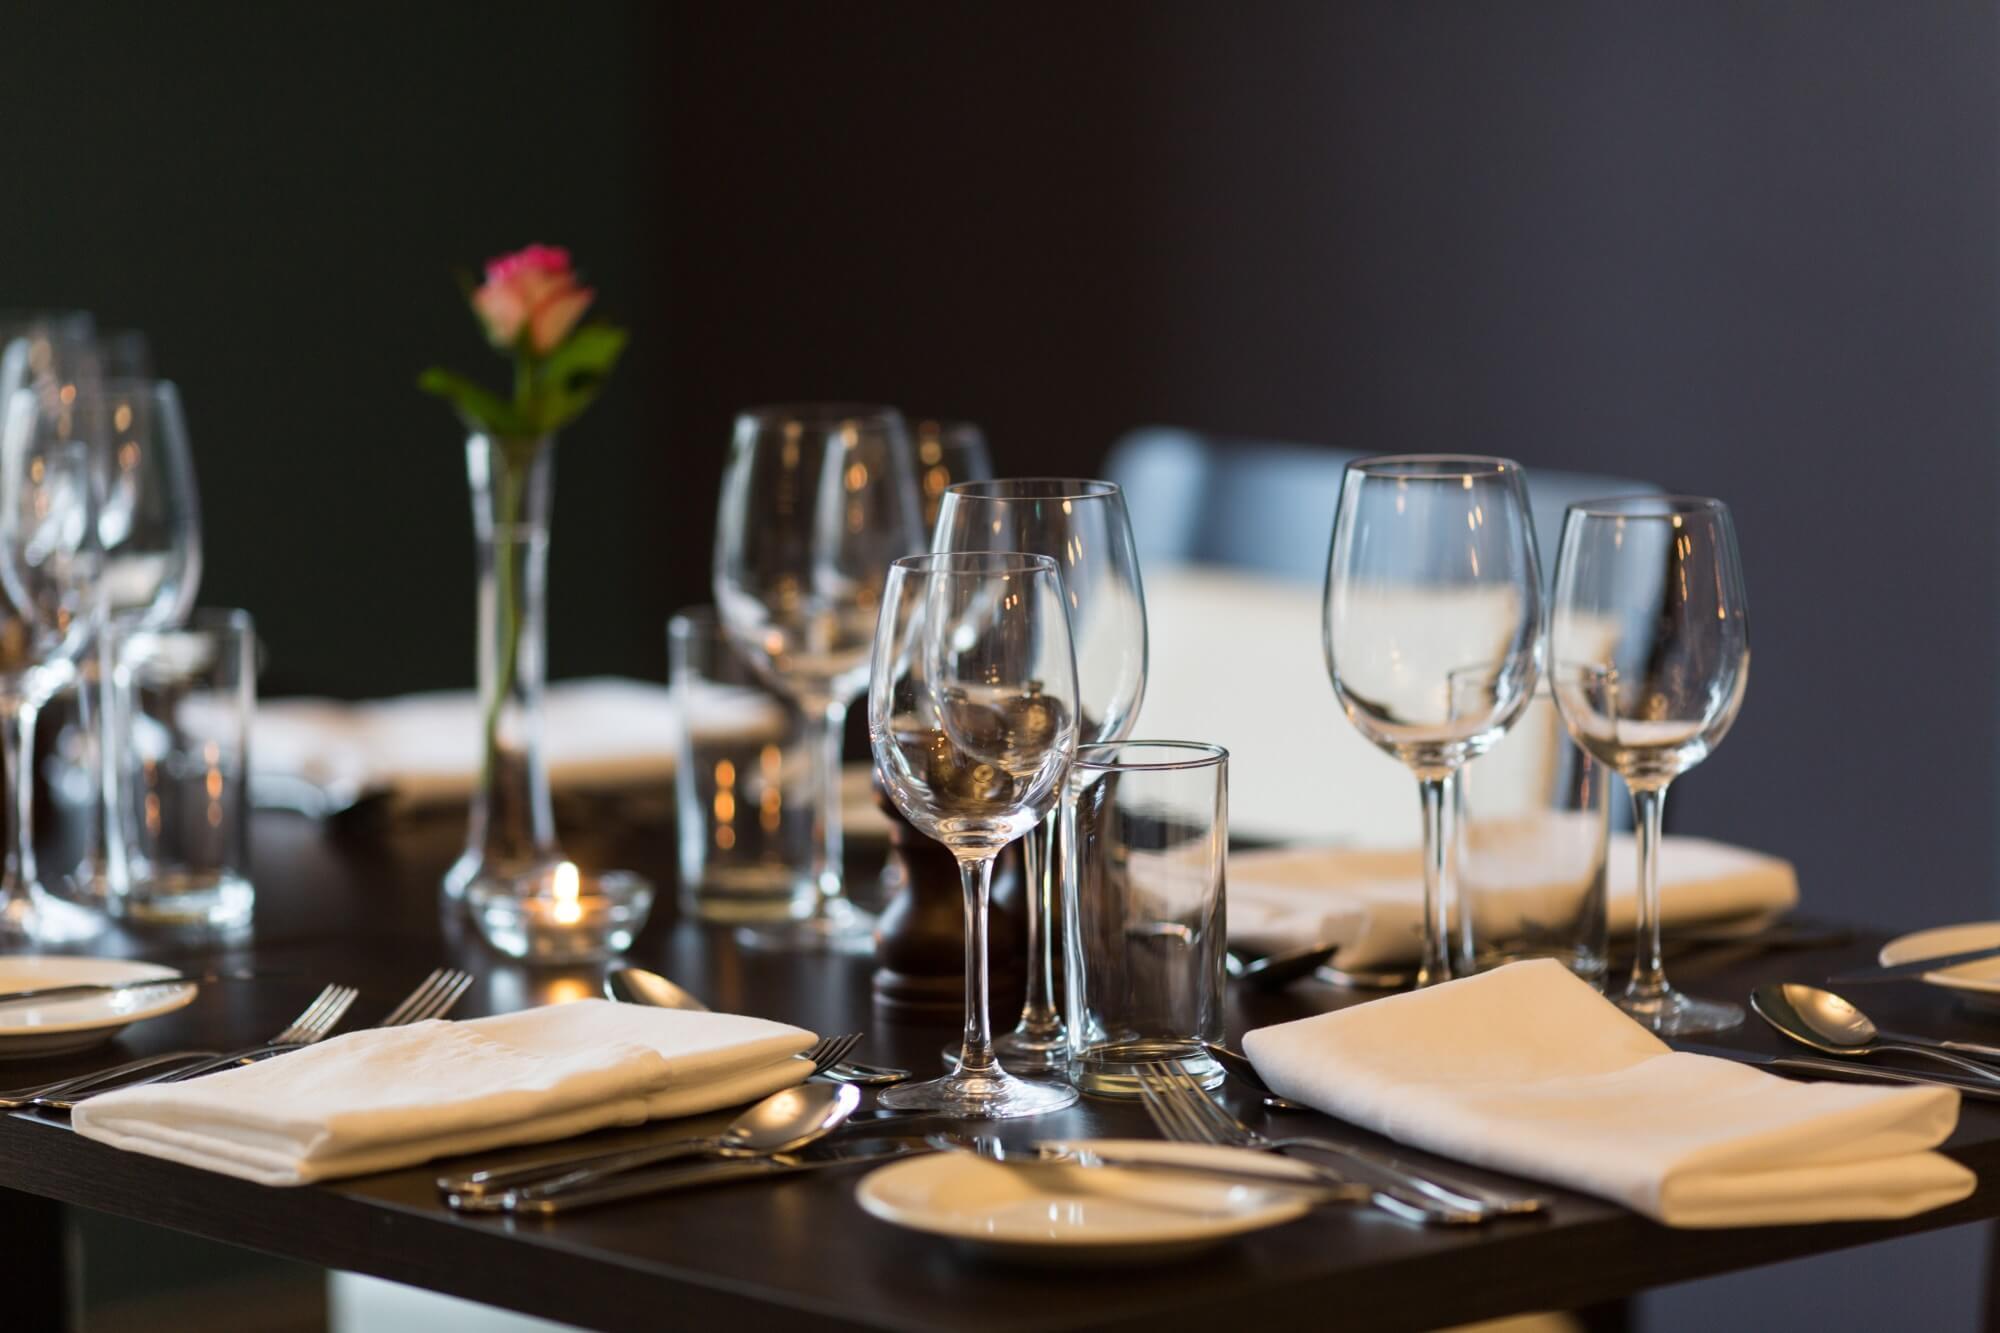 restaurant-04.jpg